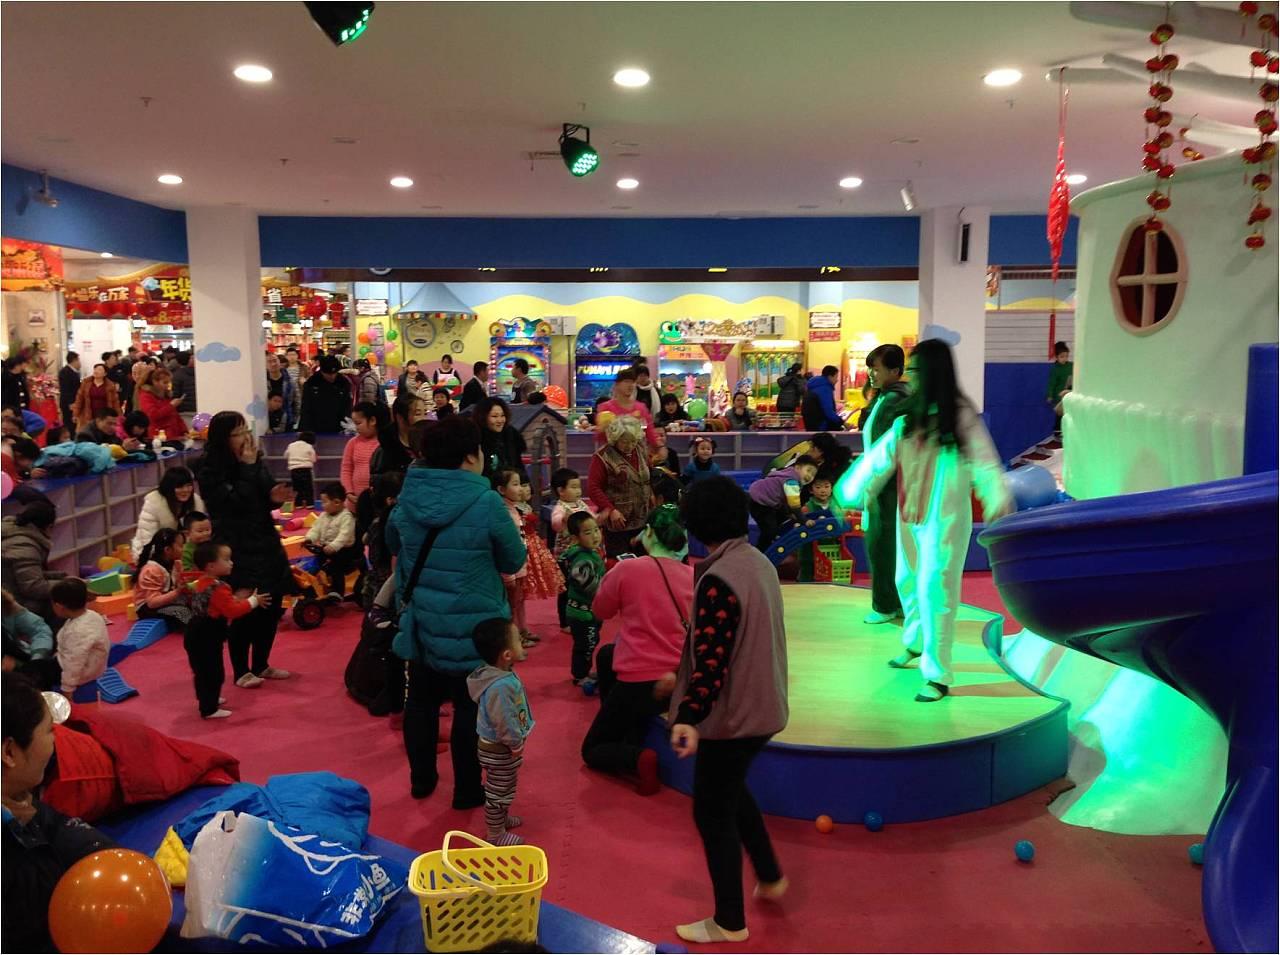 沈阳欢乐跳儿童主题游乐场|空间|室内设计|楠锅